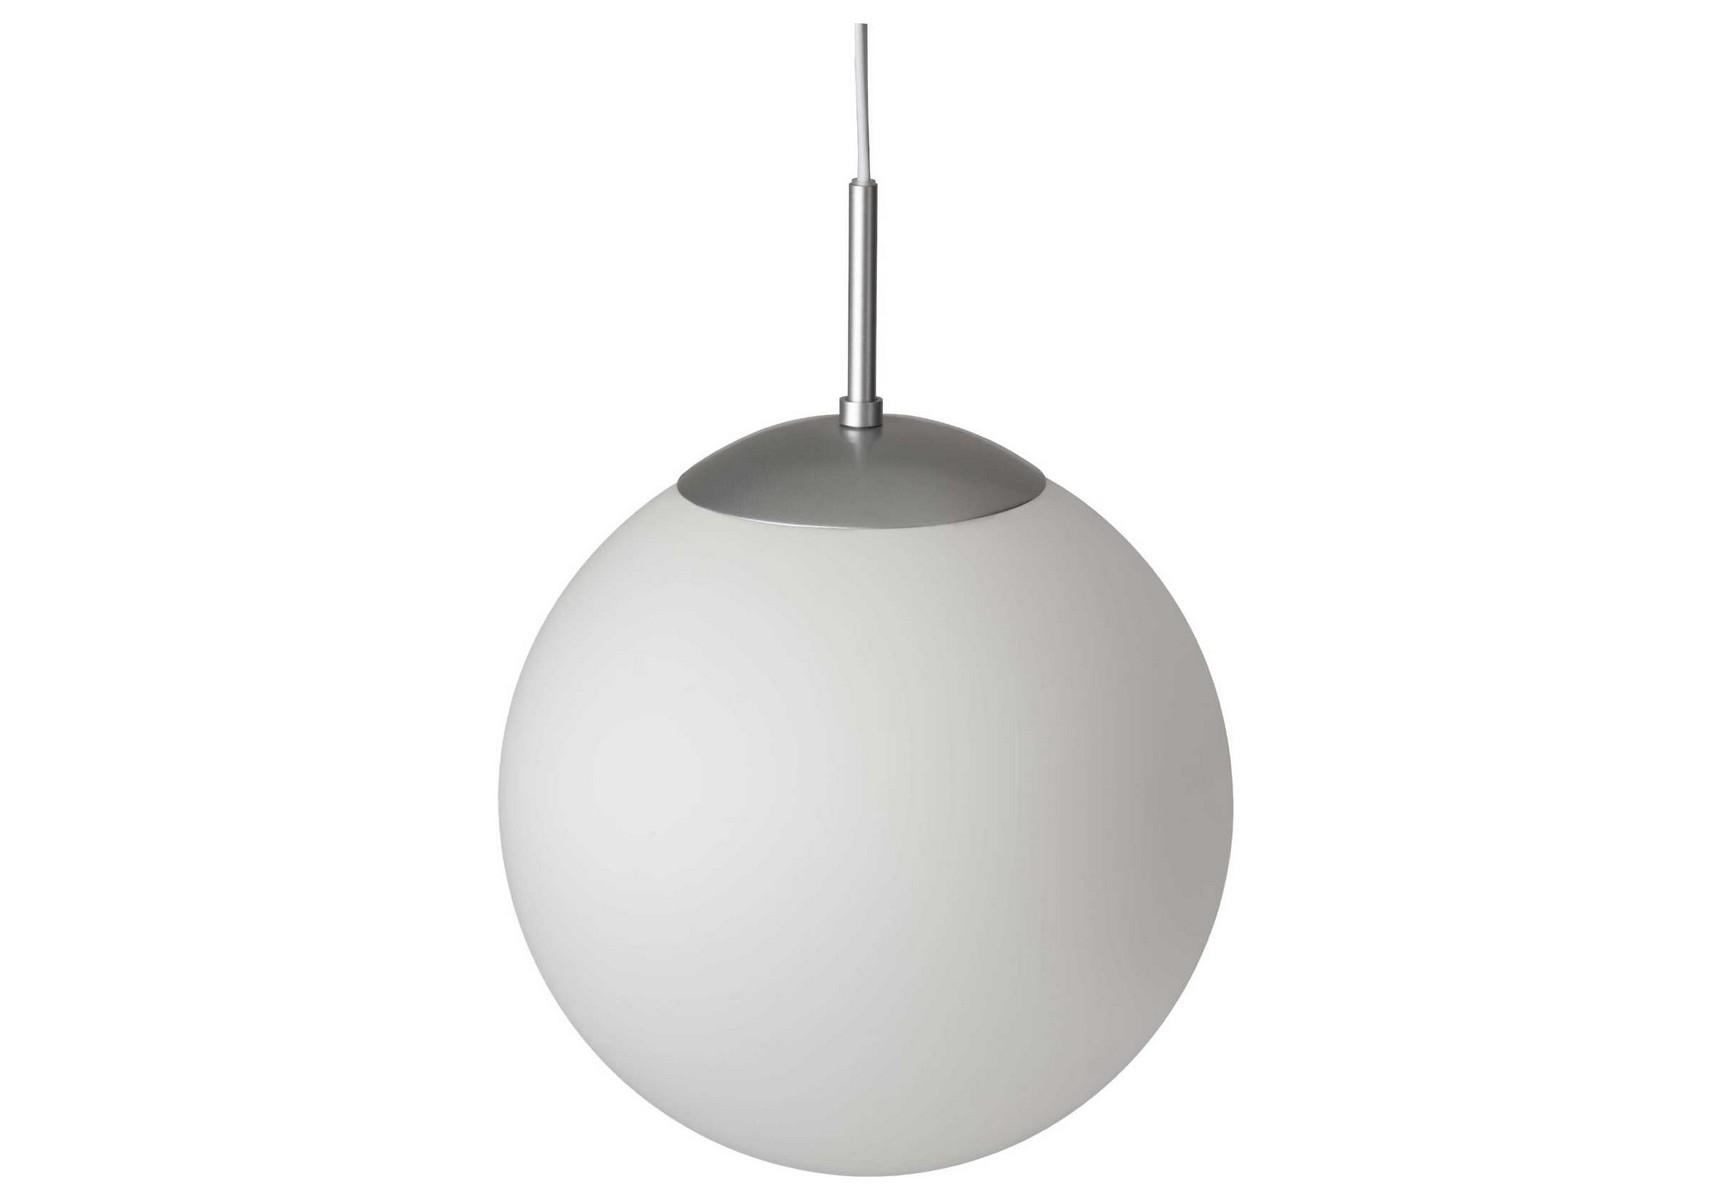 Светильник потолочный FantasiaПодвесные светильники<br>Вид цоколя: E27&amp;amp;nbsp;&amp;lt;div&amp;gt;Количество ламп: 1&amp;amp;nbsp;&amp;lt;/div&amp;gt;&amp;lt;div&amp;gt;Наличие ламп: отсутствуют&amp;amp;nbsp;&amp;lt;/div&amp;gt;&amp;lt;div&amp;gt;Мощность лампы: 60W&amp;lt;/div&amp;gt;&amp;lt;div&amp;gt;Высота регулируется от 30 до 100 см&amp;lt;/div&amp;gt;<br><br>Material: Стекло<br>Высота см: 30